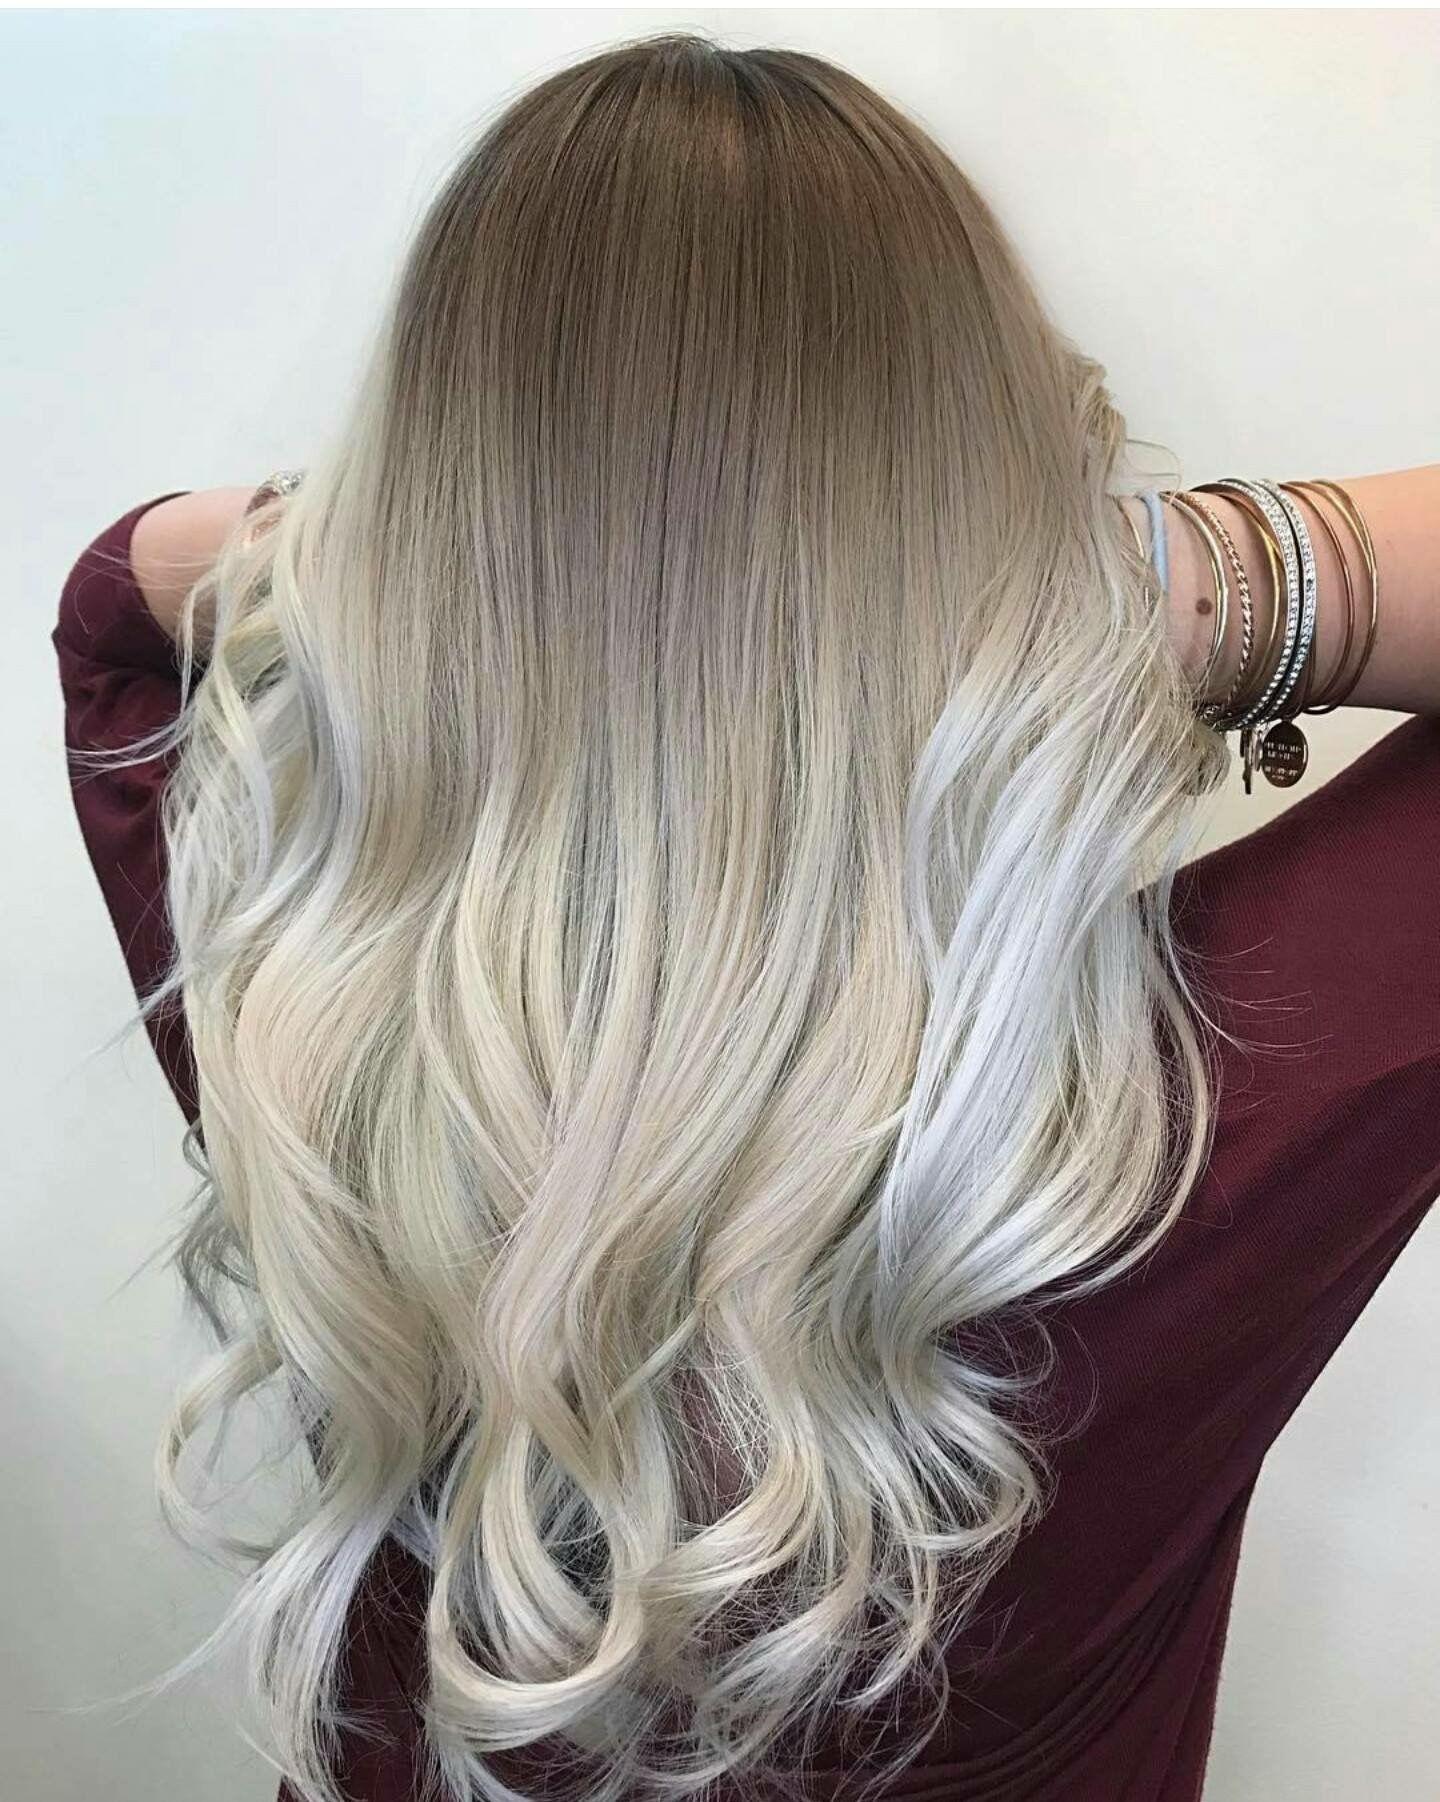 покрасить волосы в светлый цвет фото певцов, поют без